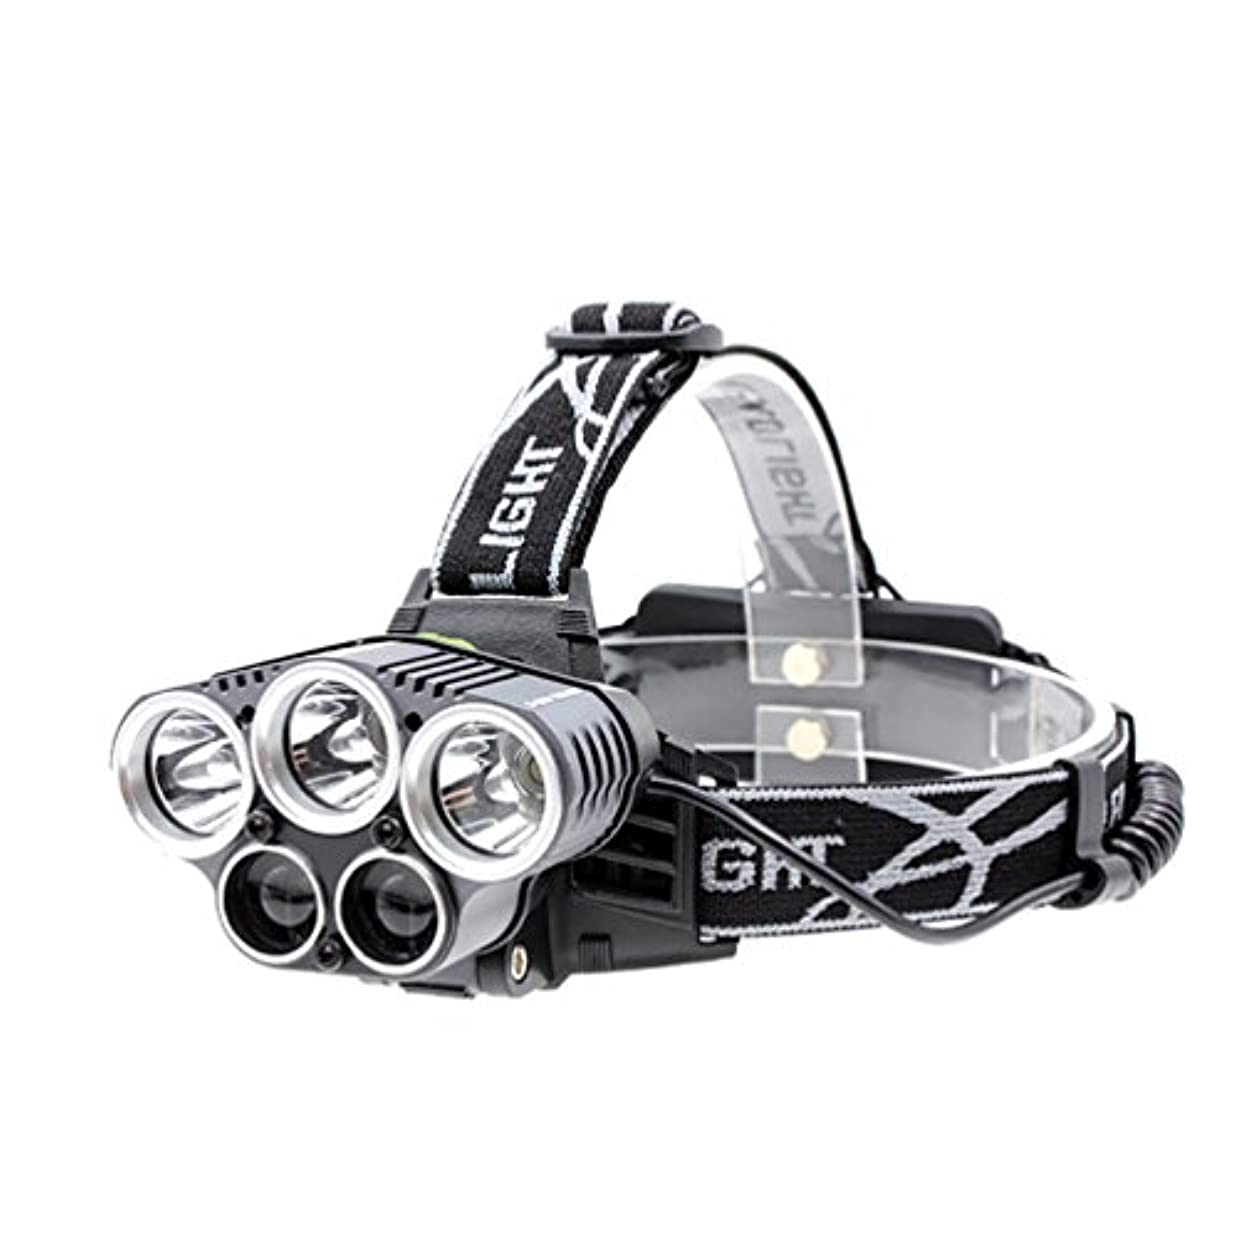 しかしながら冗談で占めるHayder LED ヘッドライト USB充電式 超高輝度5灯式 夜釣り防水 登山 軽量 アウトドア